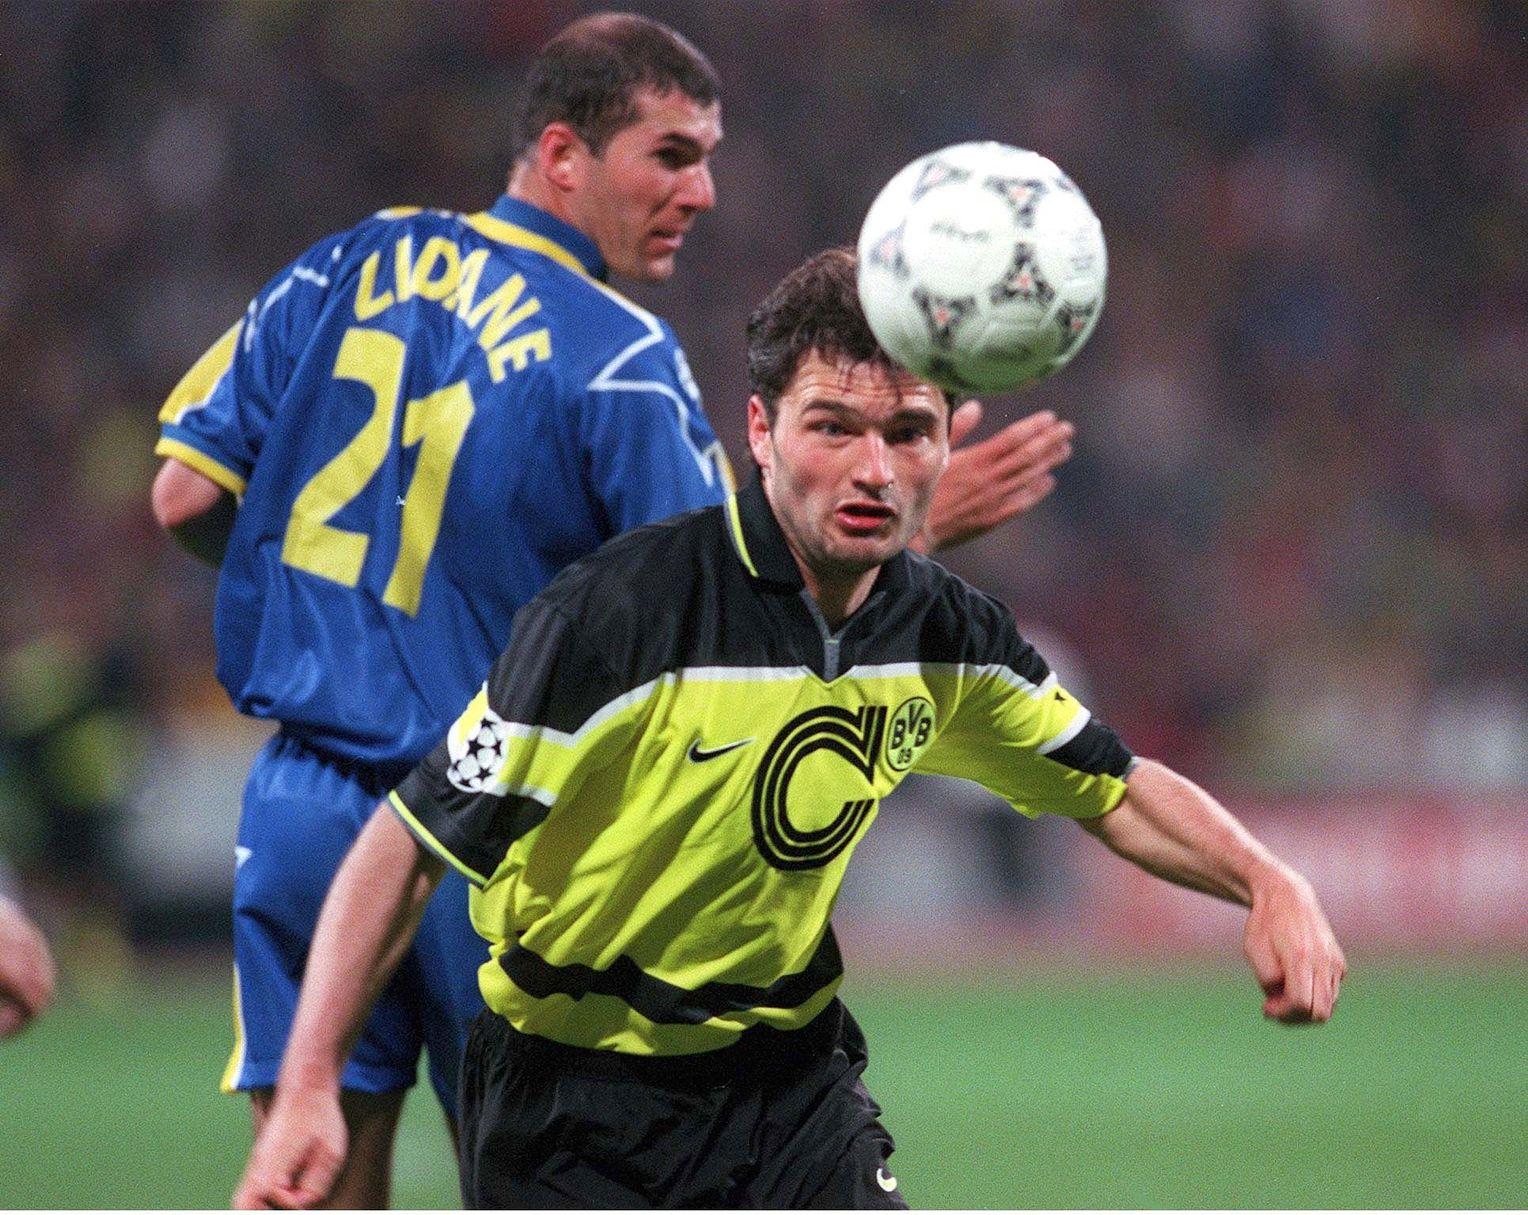 24 года назад Ларс Риккен забил в финале ЛЧ через 16 секунд после выхода на замену. И добил «Ювентус»!